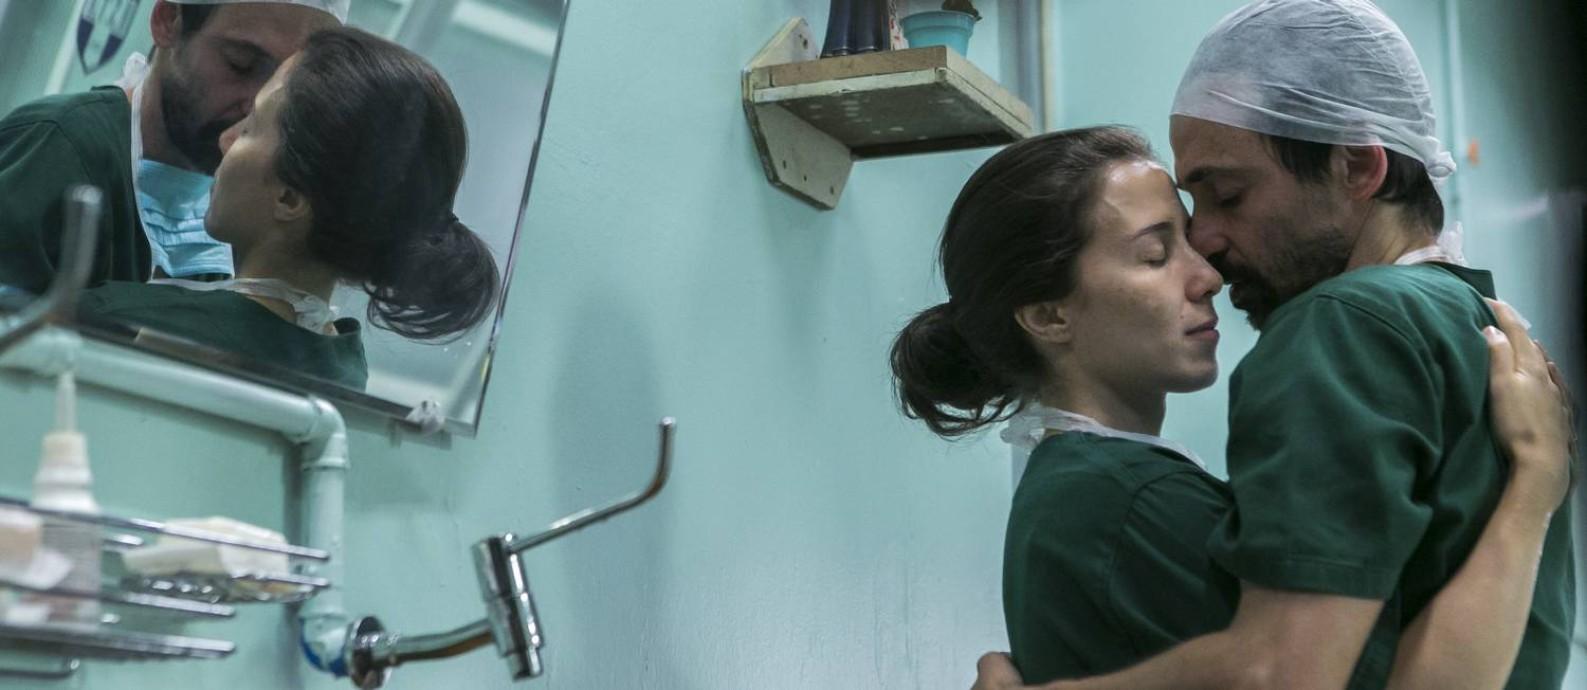 Julio Andrade (Evandro) e Marjorie Estiano (Carolina) na nova temporada de 'Sob pressão' Foto: Globo/Raquel Cunha